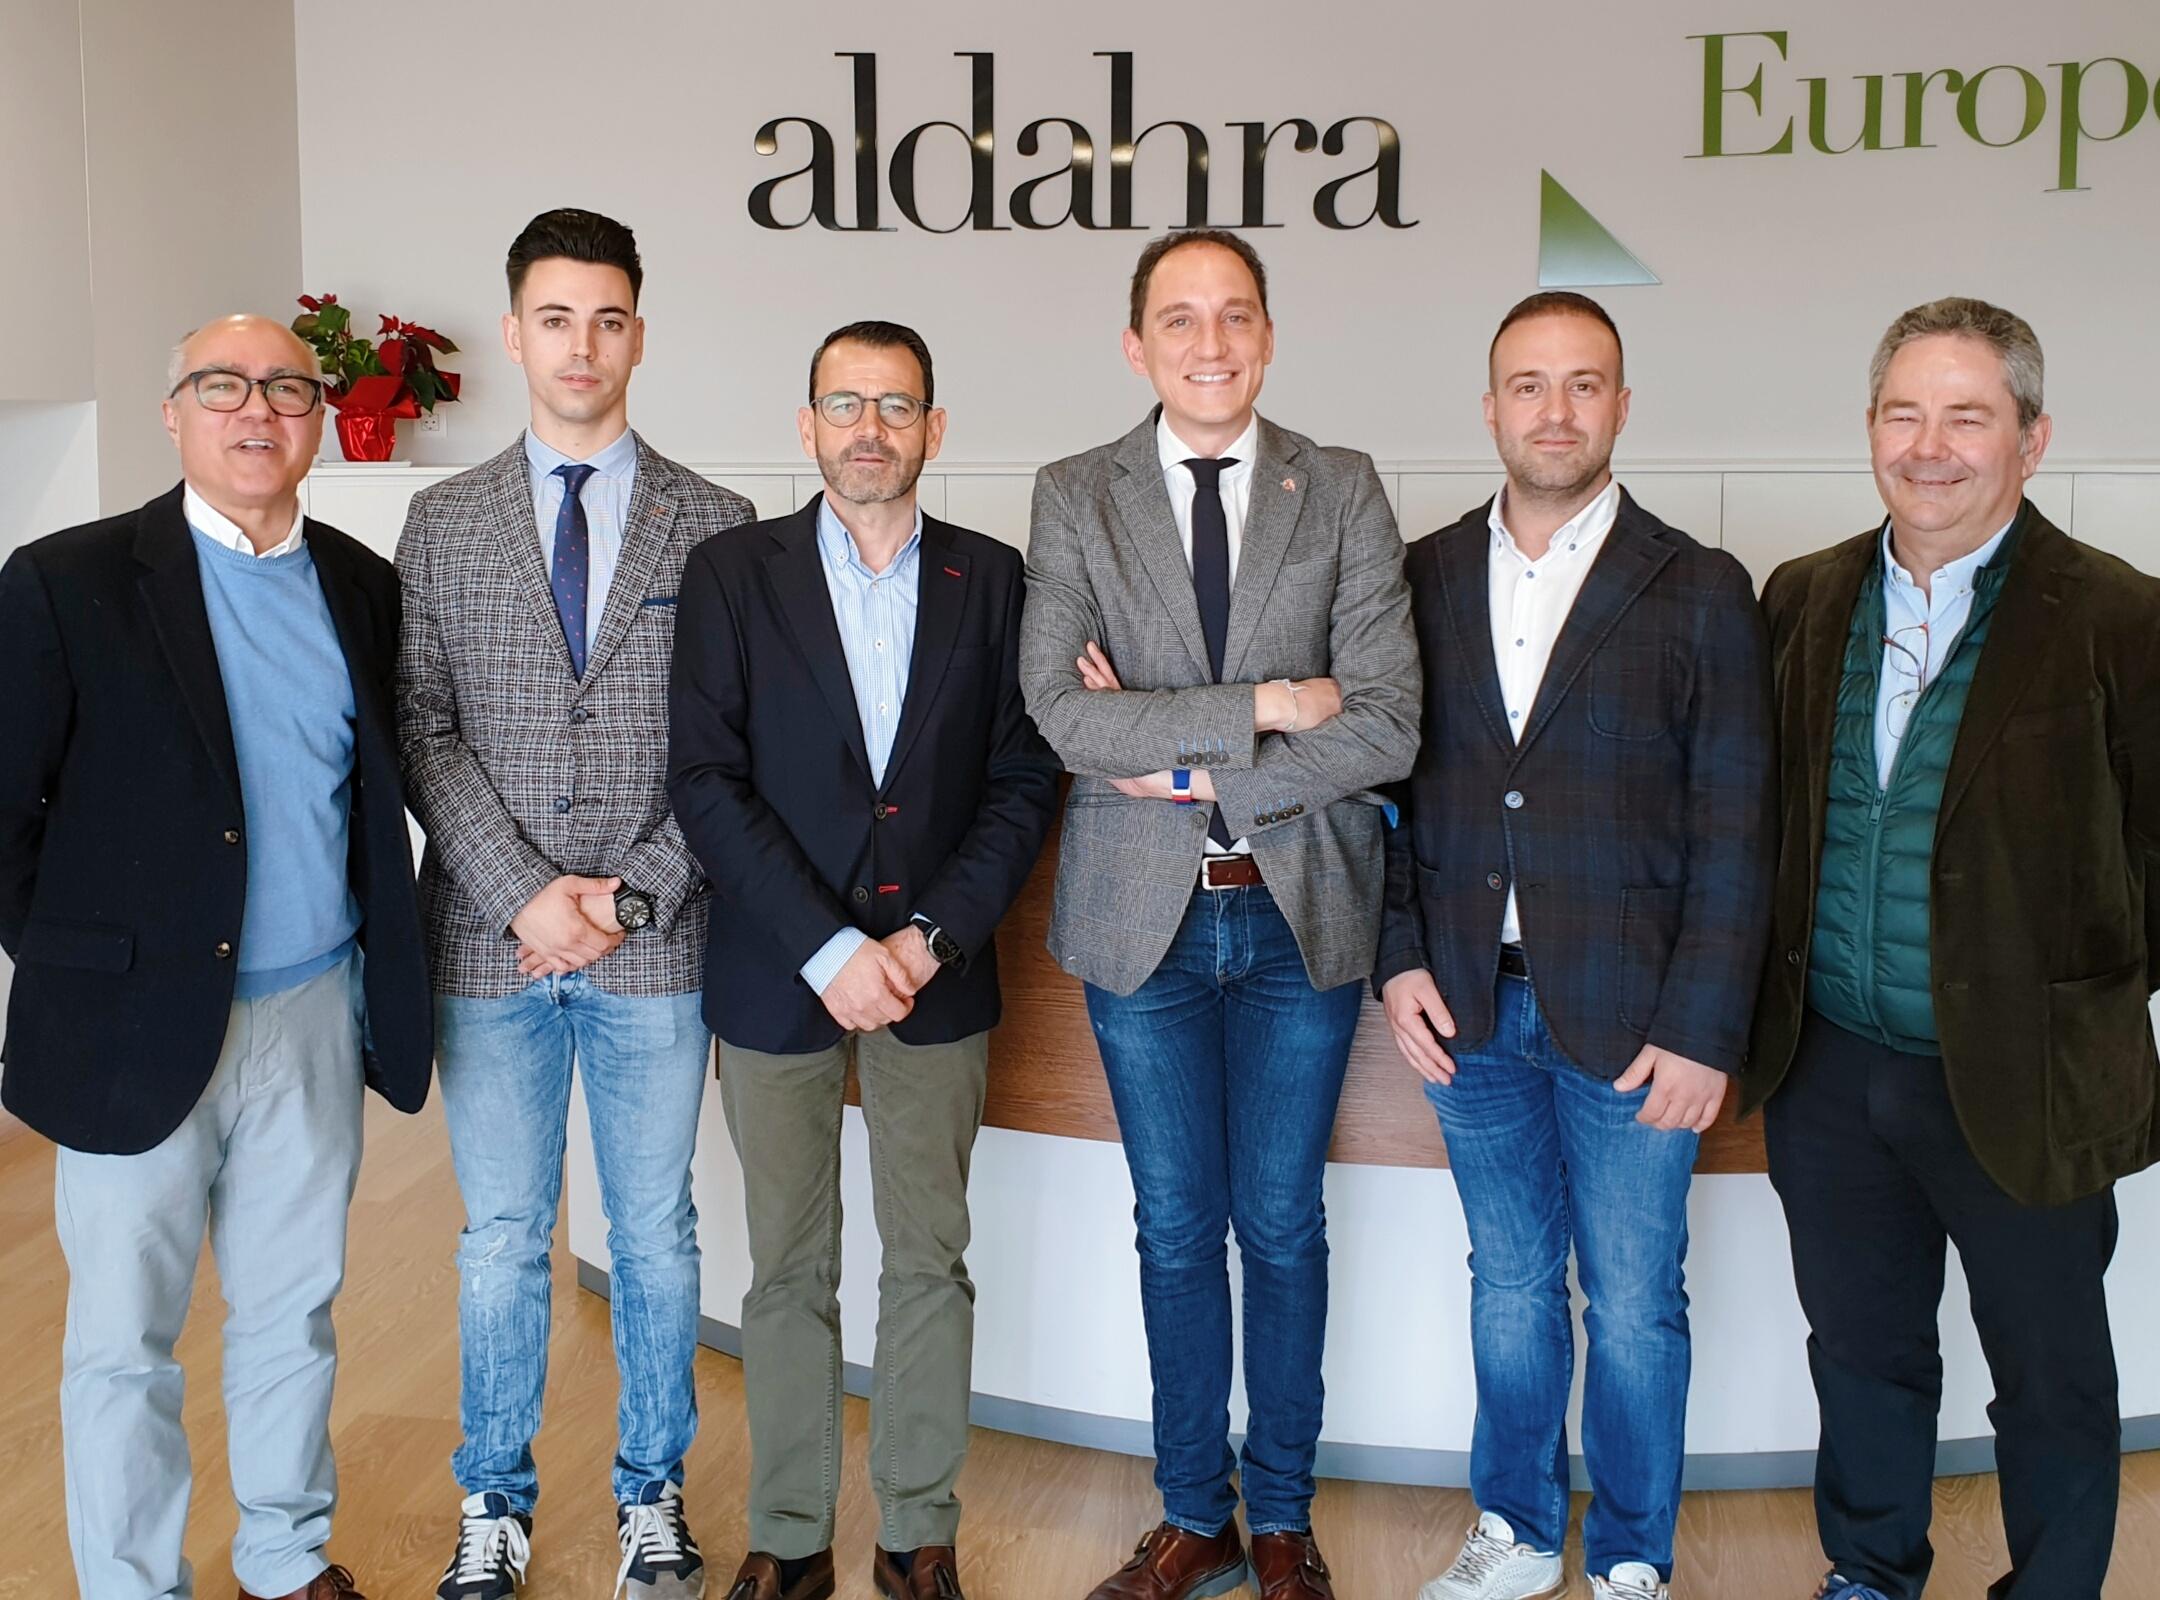 Pla sencer del subdelegat del govern espanyol a Lleida, Jose Crepín, amb responsables de l'empresa Aldahra Fagavi, el 21 de febrer del 2020. (Horitzontal)